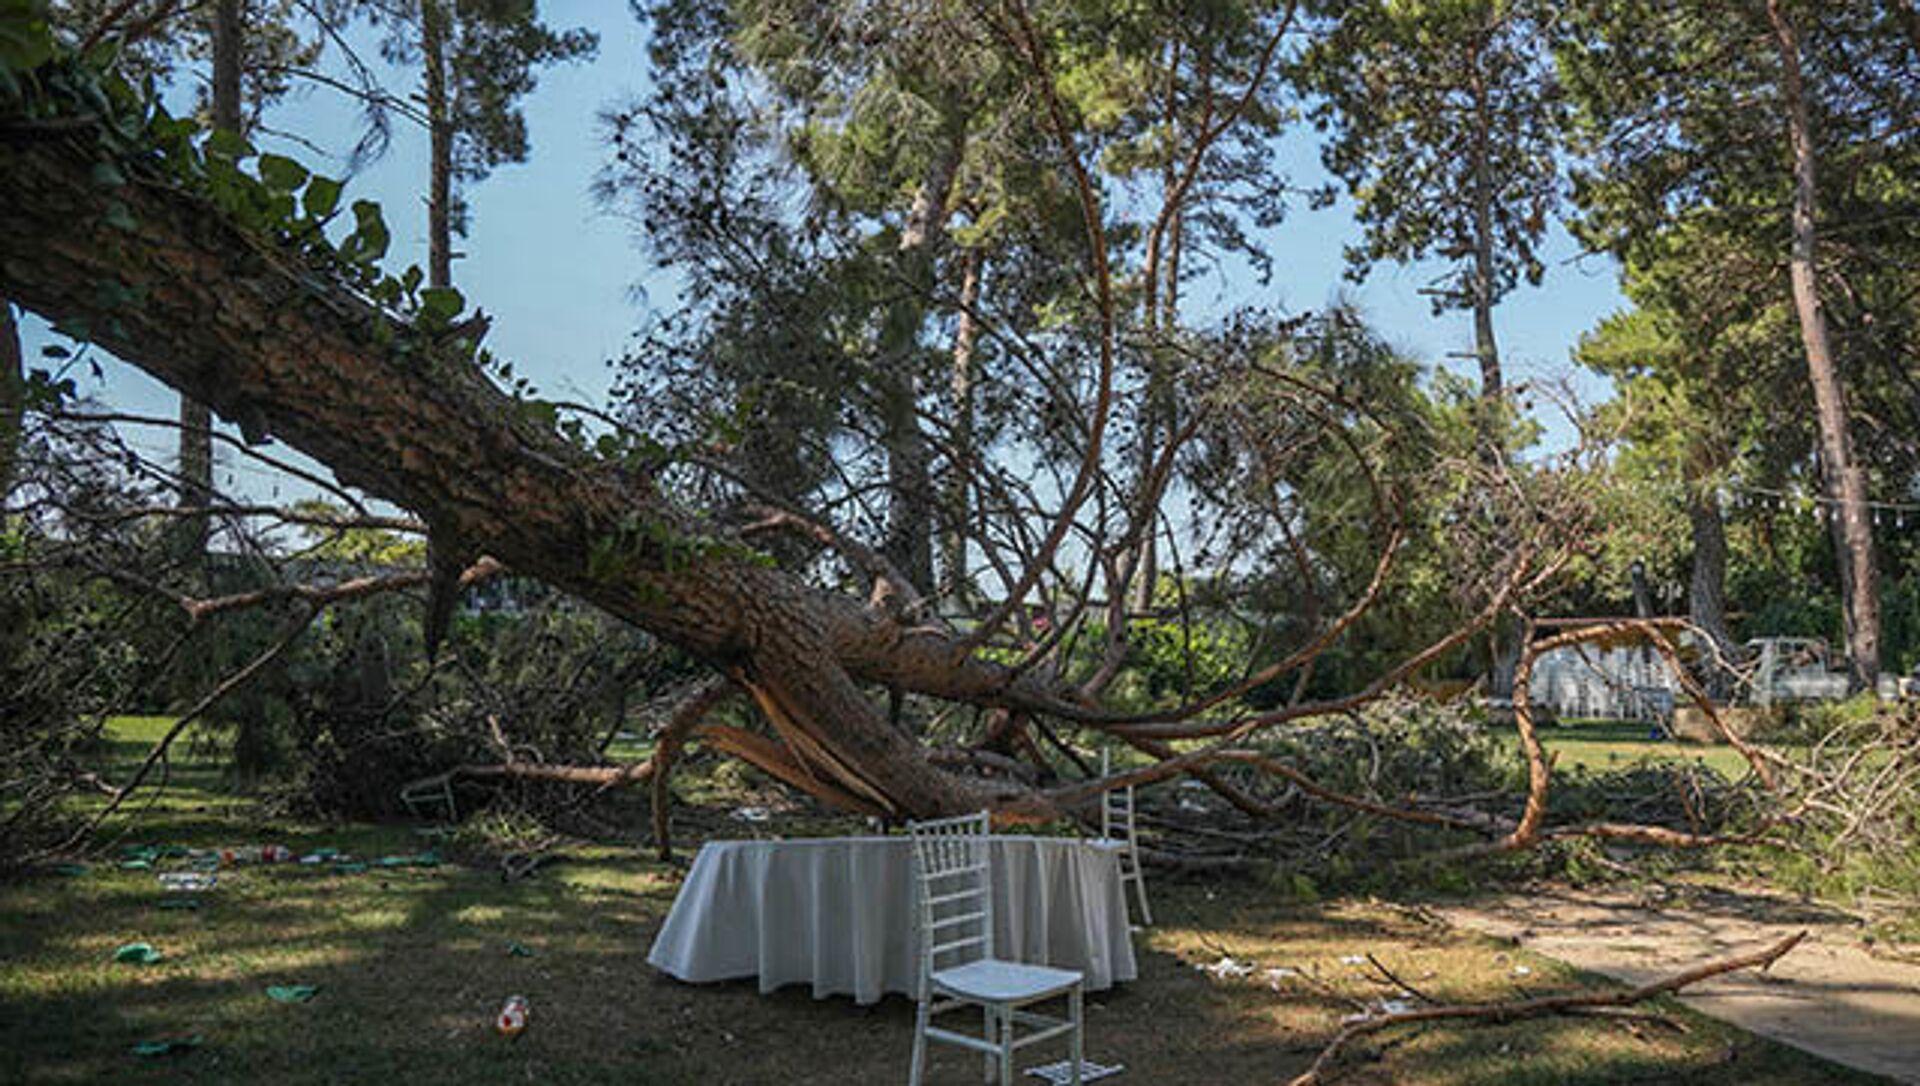 Kır düğününde 1 kişi üzerine ağaç devrilmesi sonucu öldü - Sputnik Türkiye, 1920, 27.07.2021